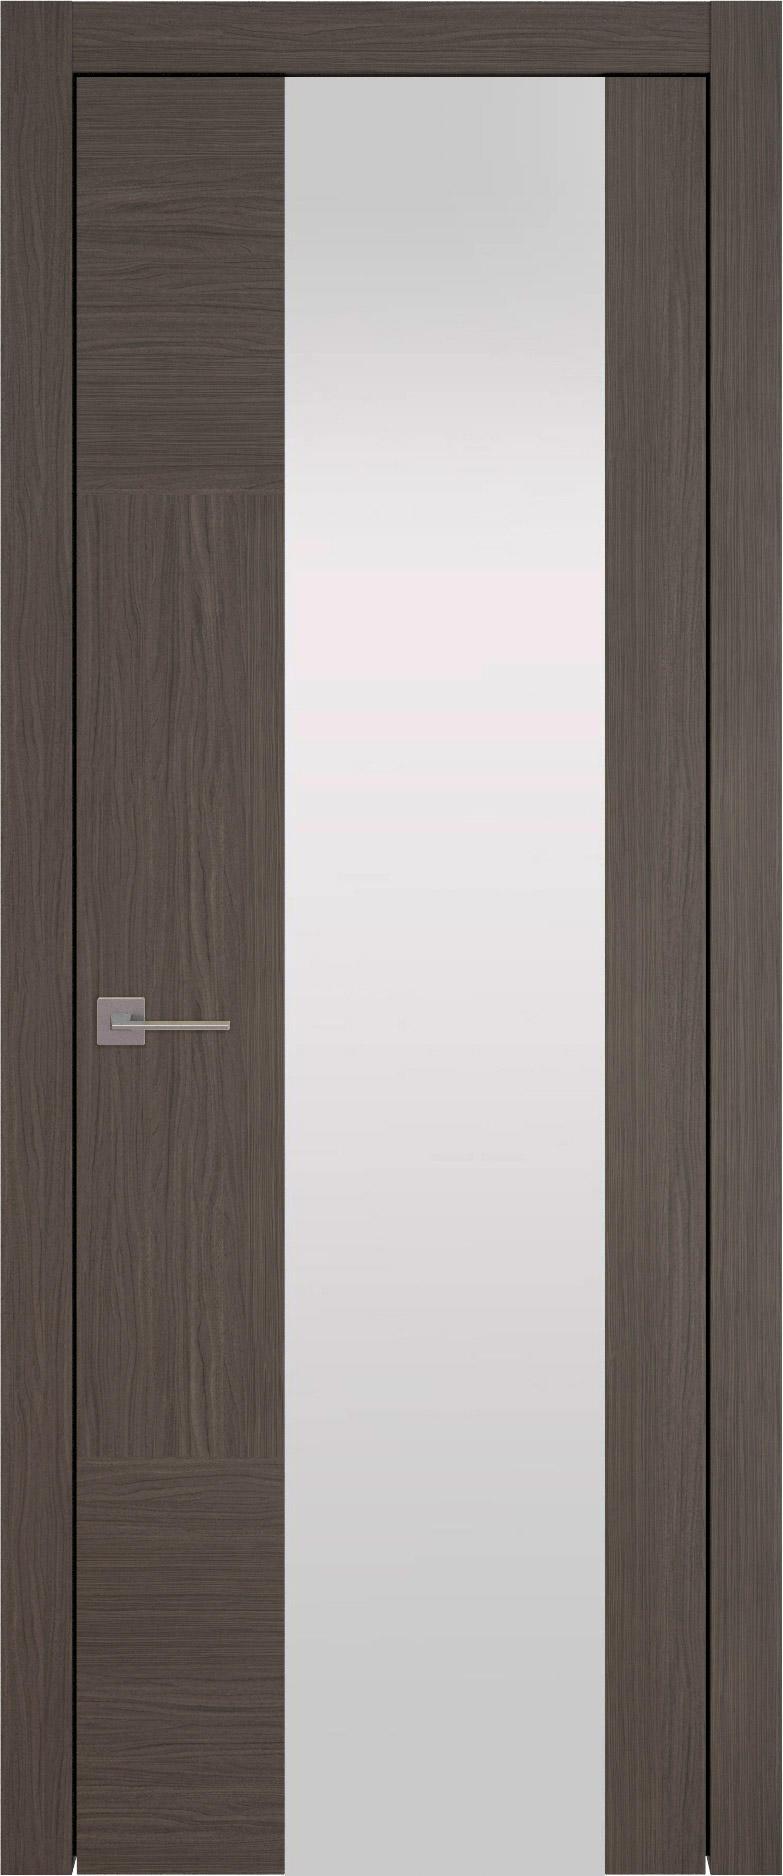 Tivoli Е-1 цвет - Дуб графит Со стеклом (ДО)